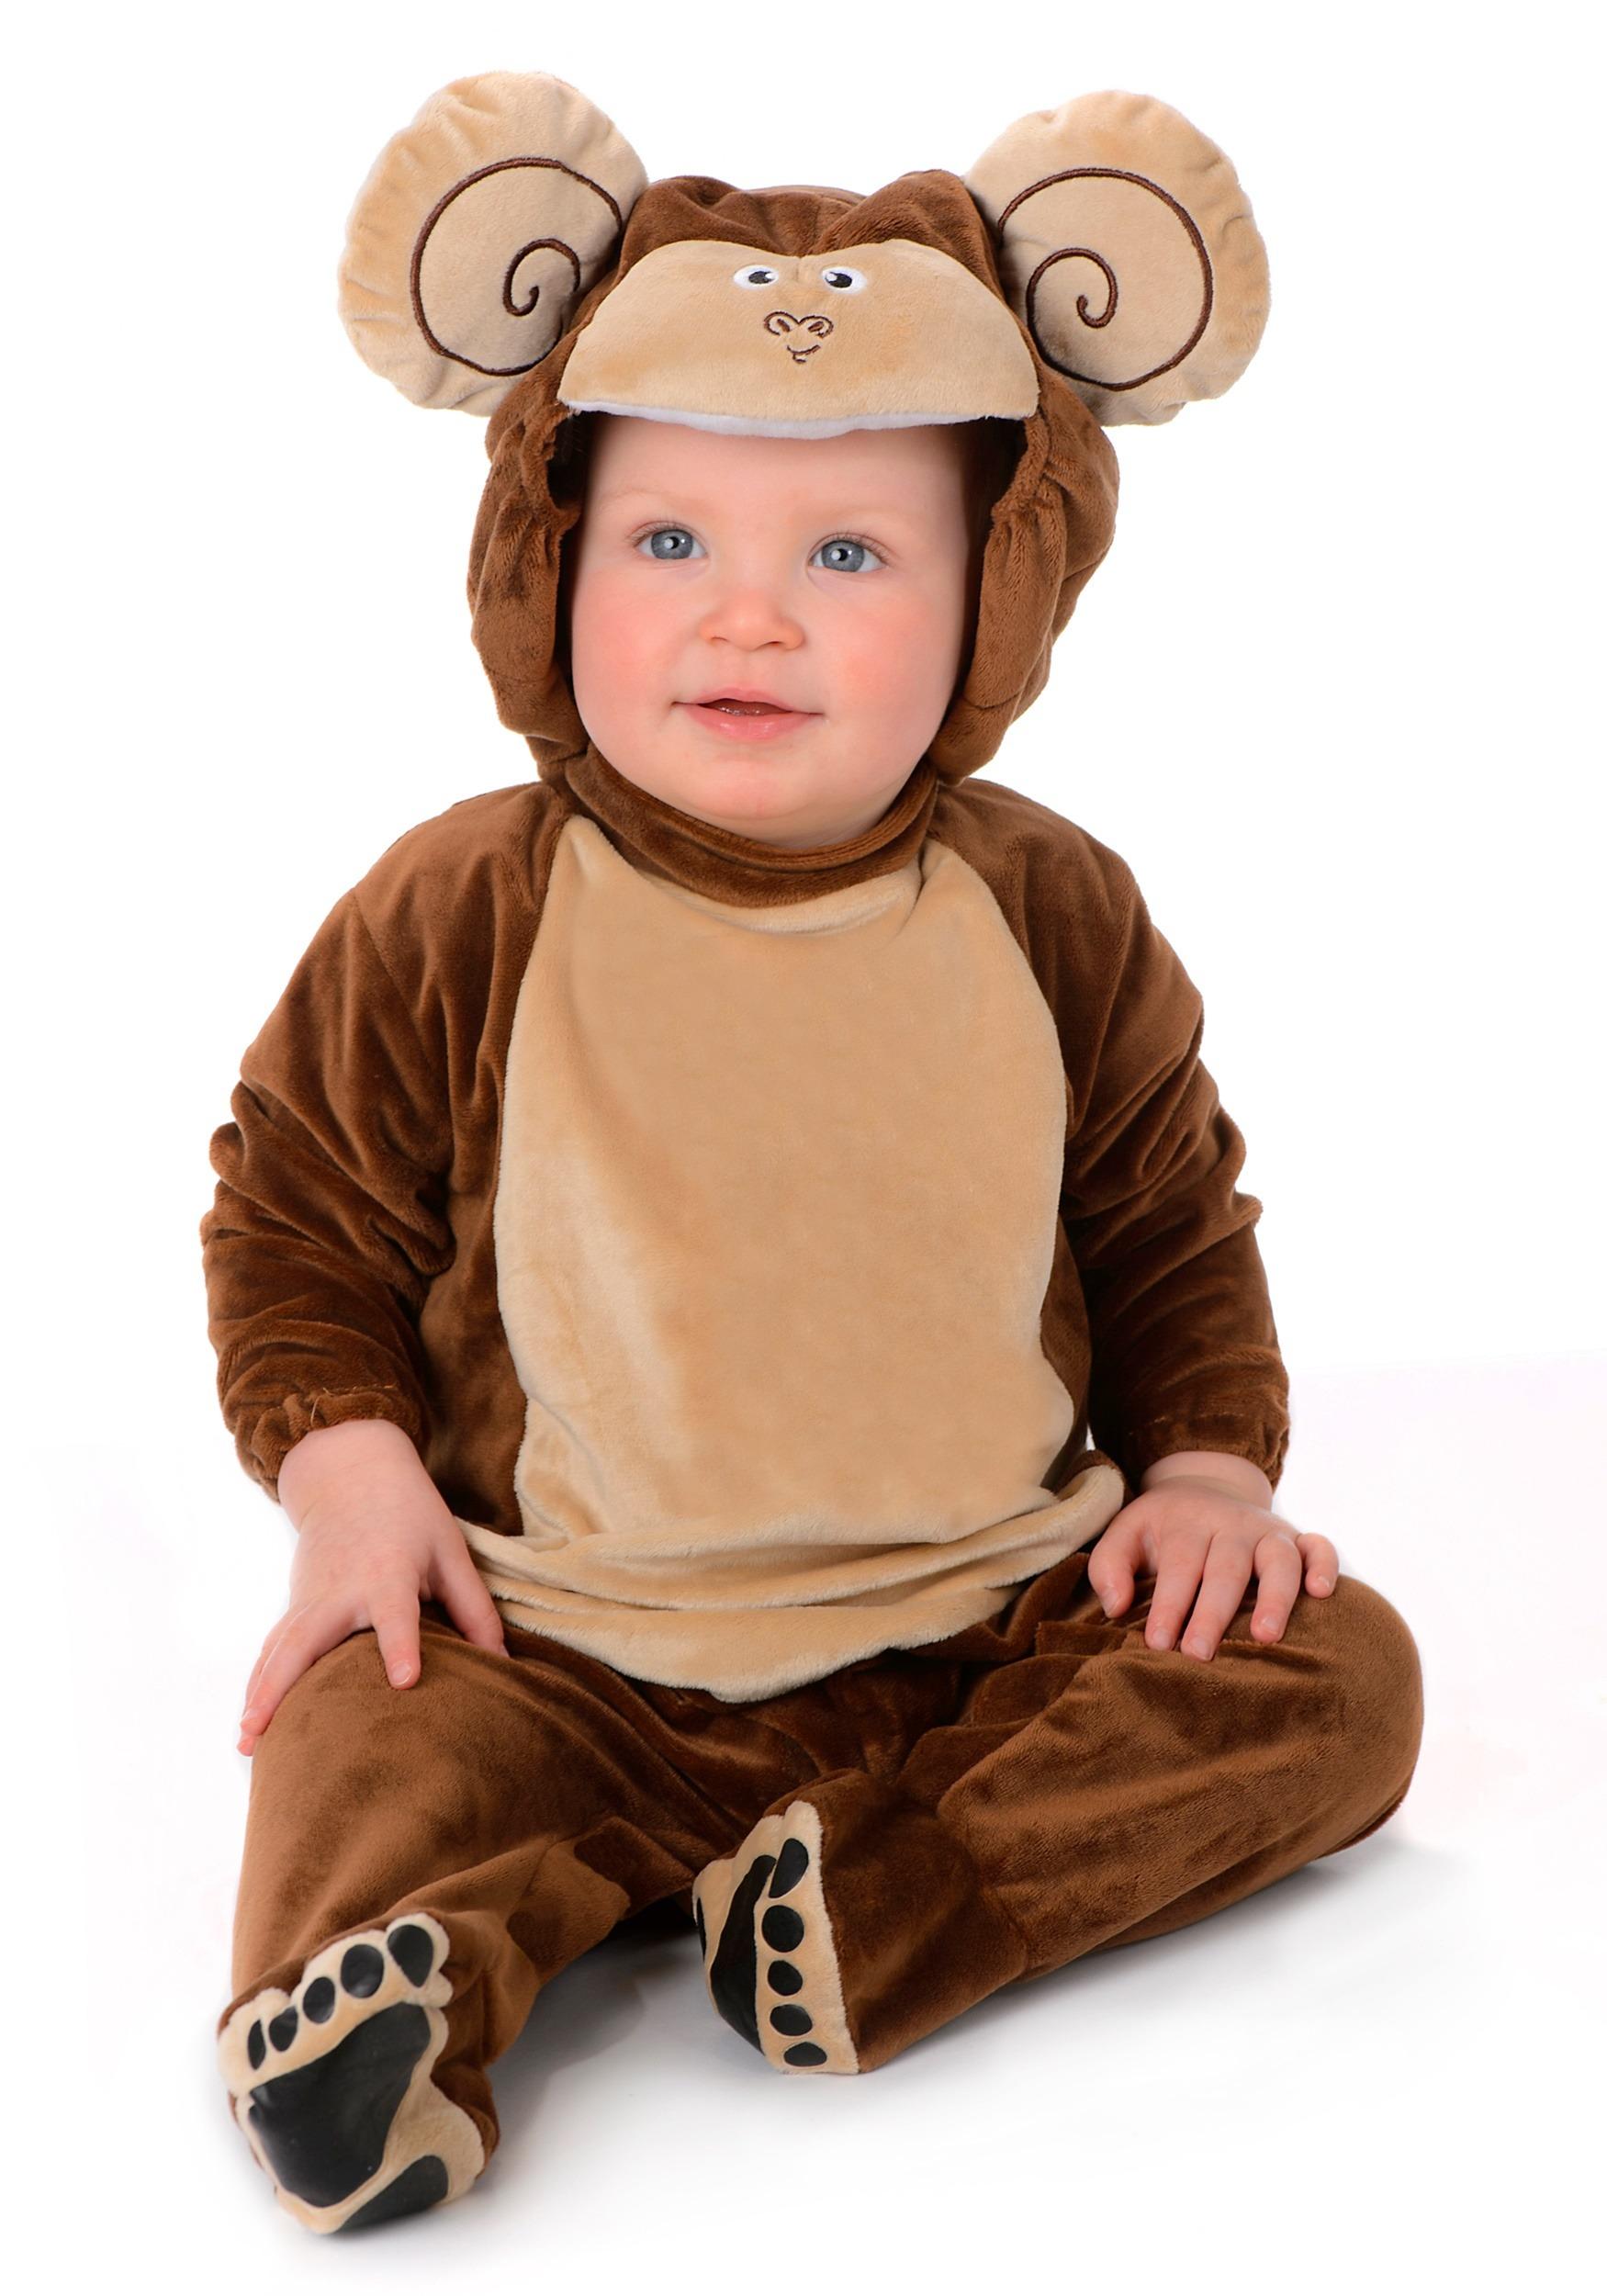 Infant Little Monkey Costume  sc 1 st  Halloween Costumes & Little Monkey Costume for an Infant